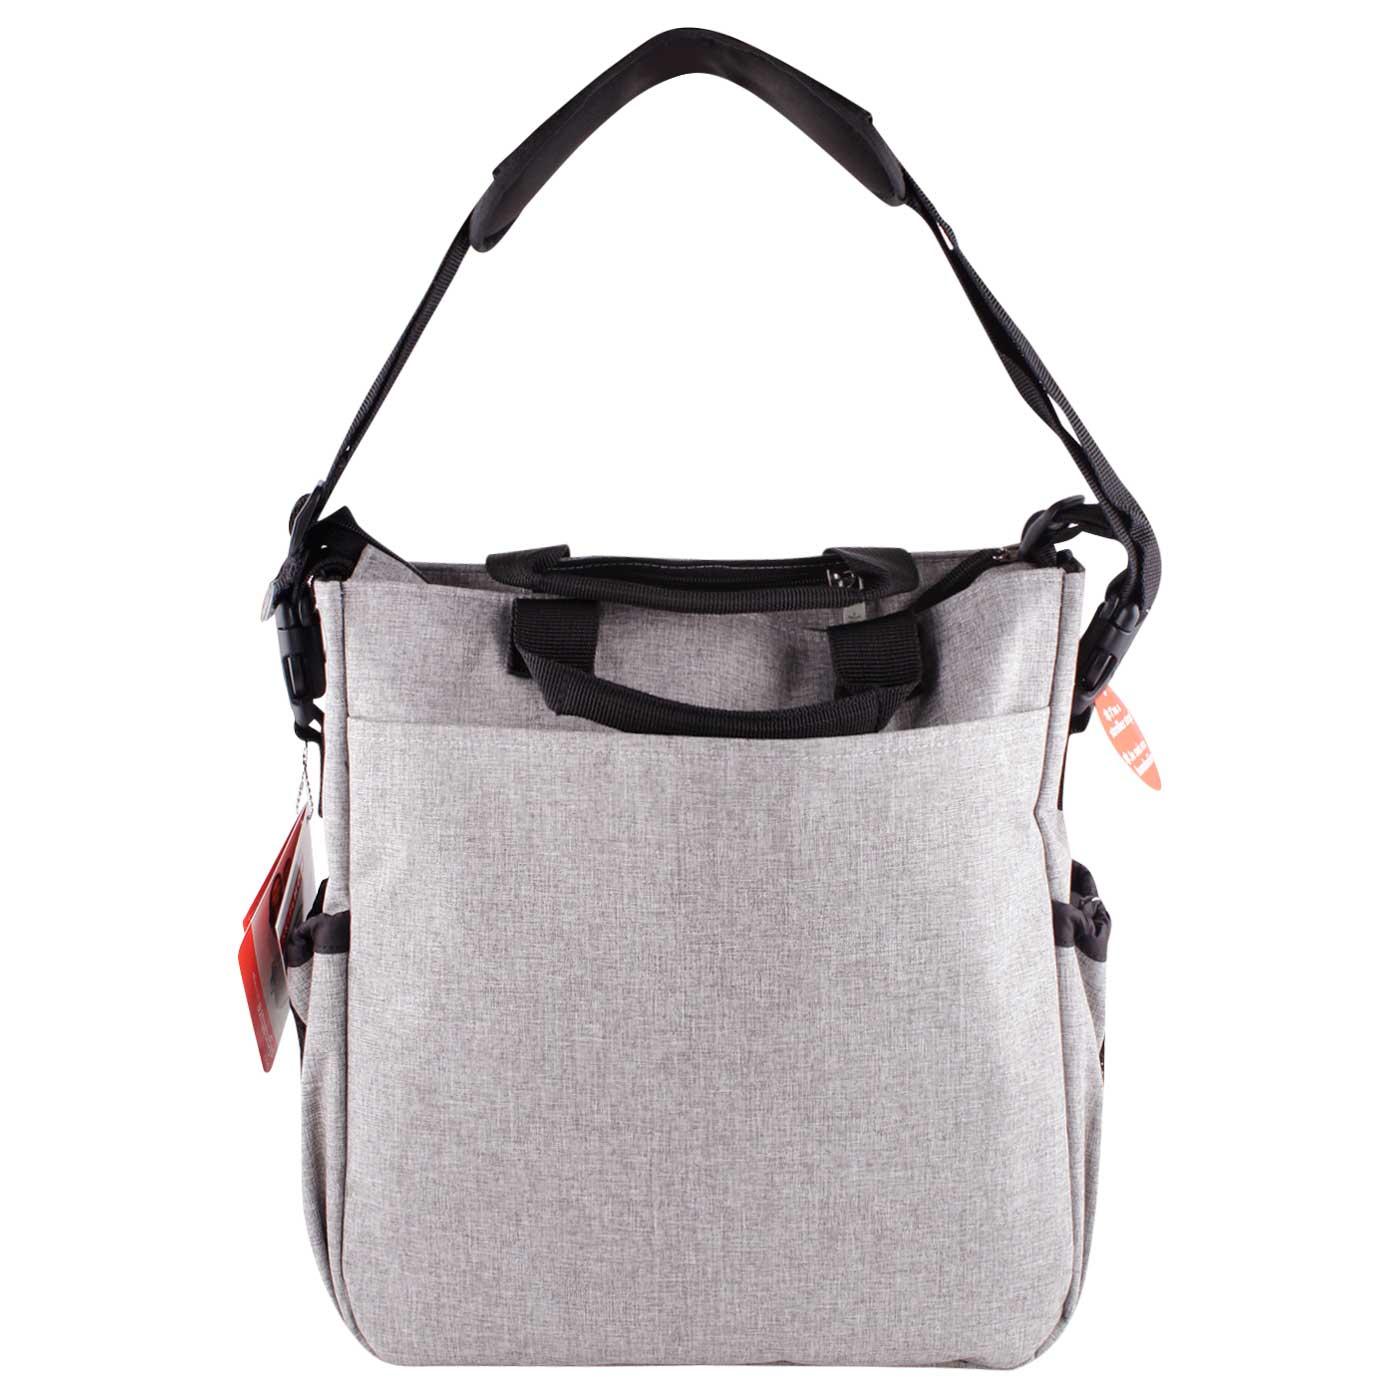 Skiphop Duo Signature Diaper Bag Grey Melange 3